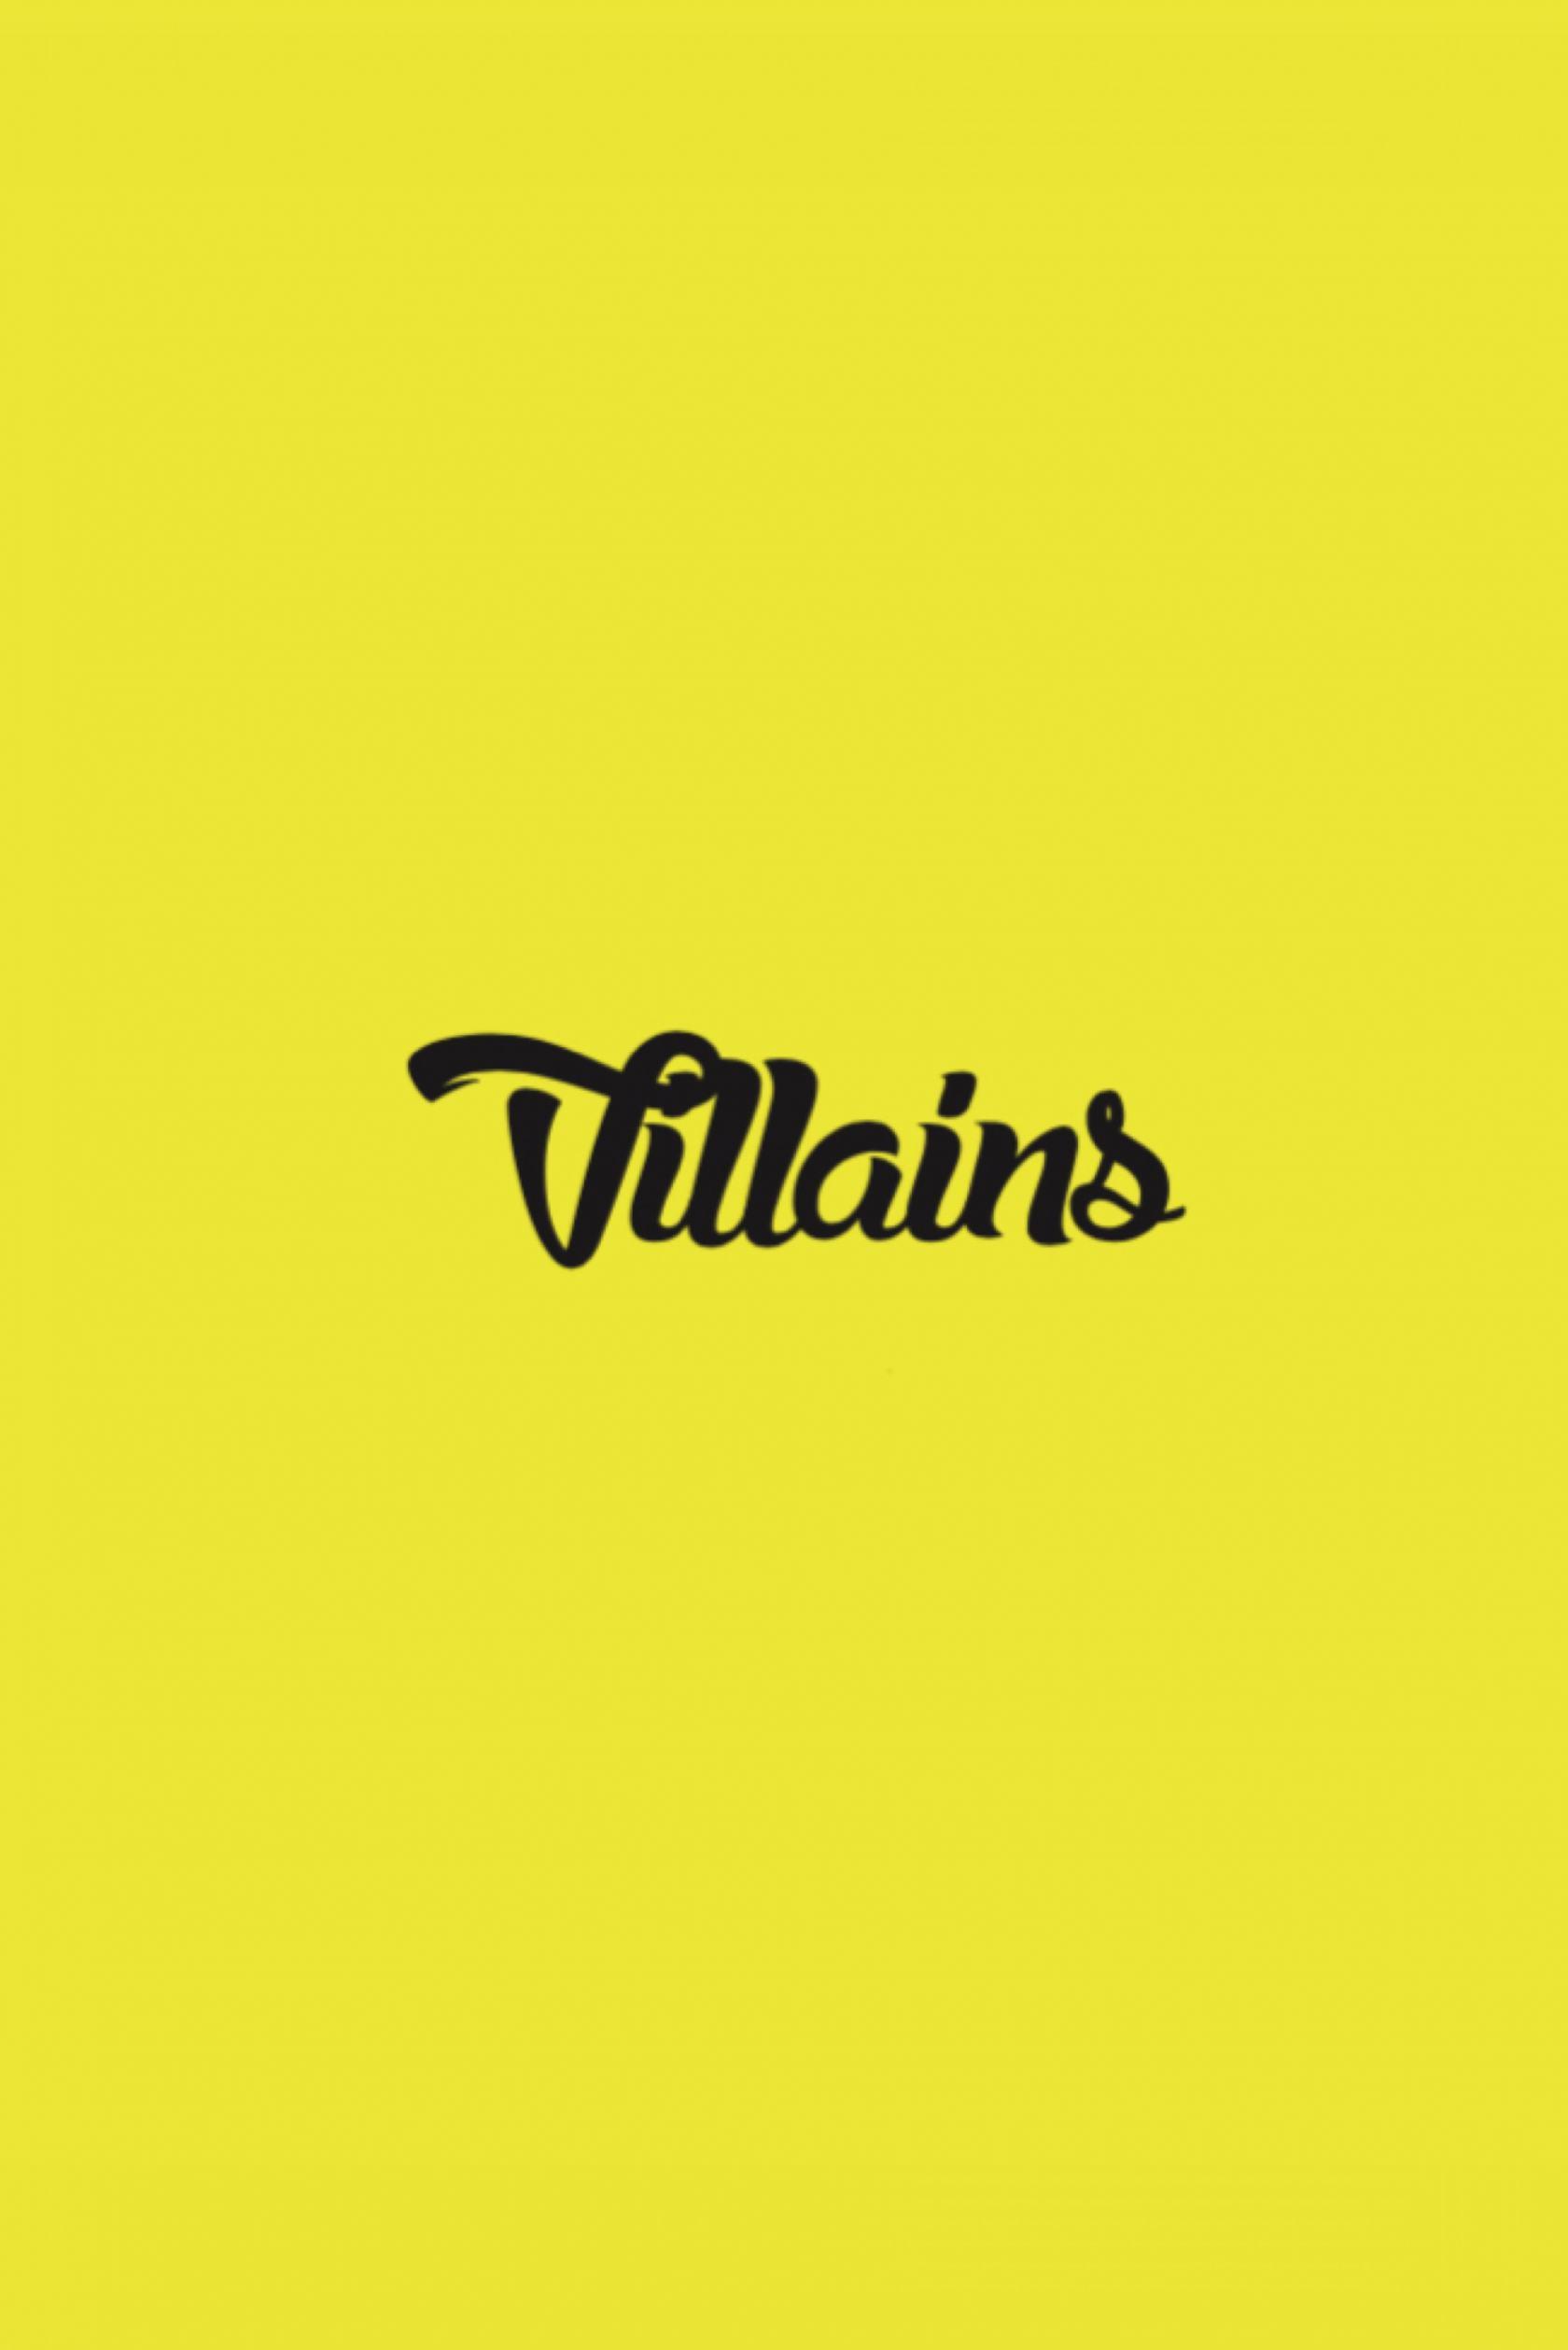 Villains Poster #1